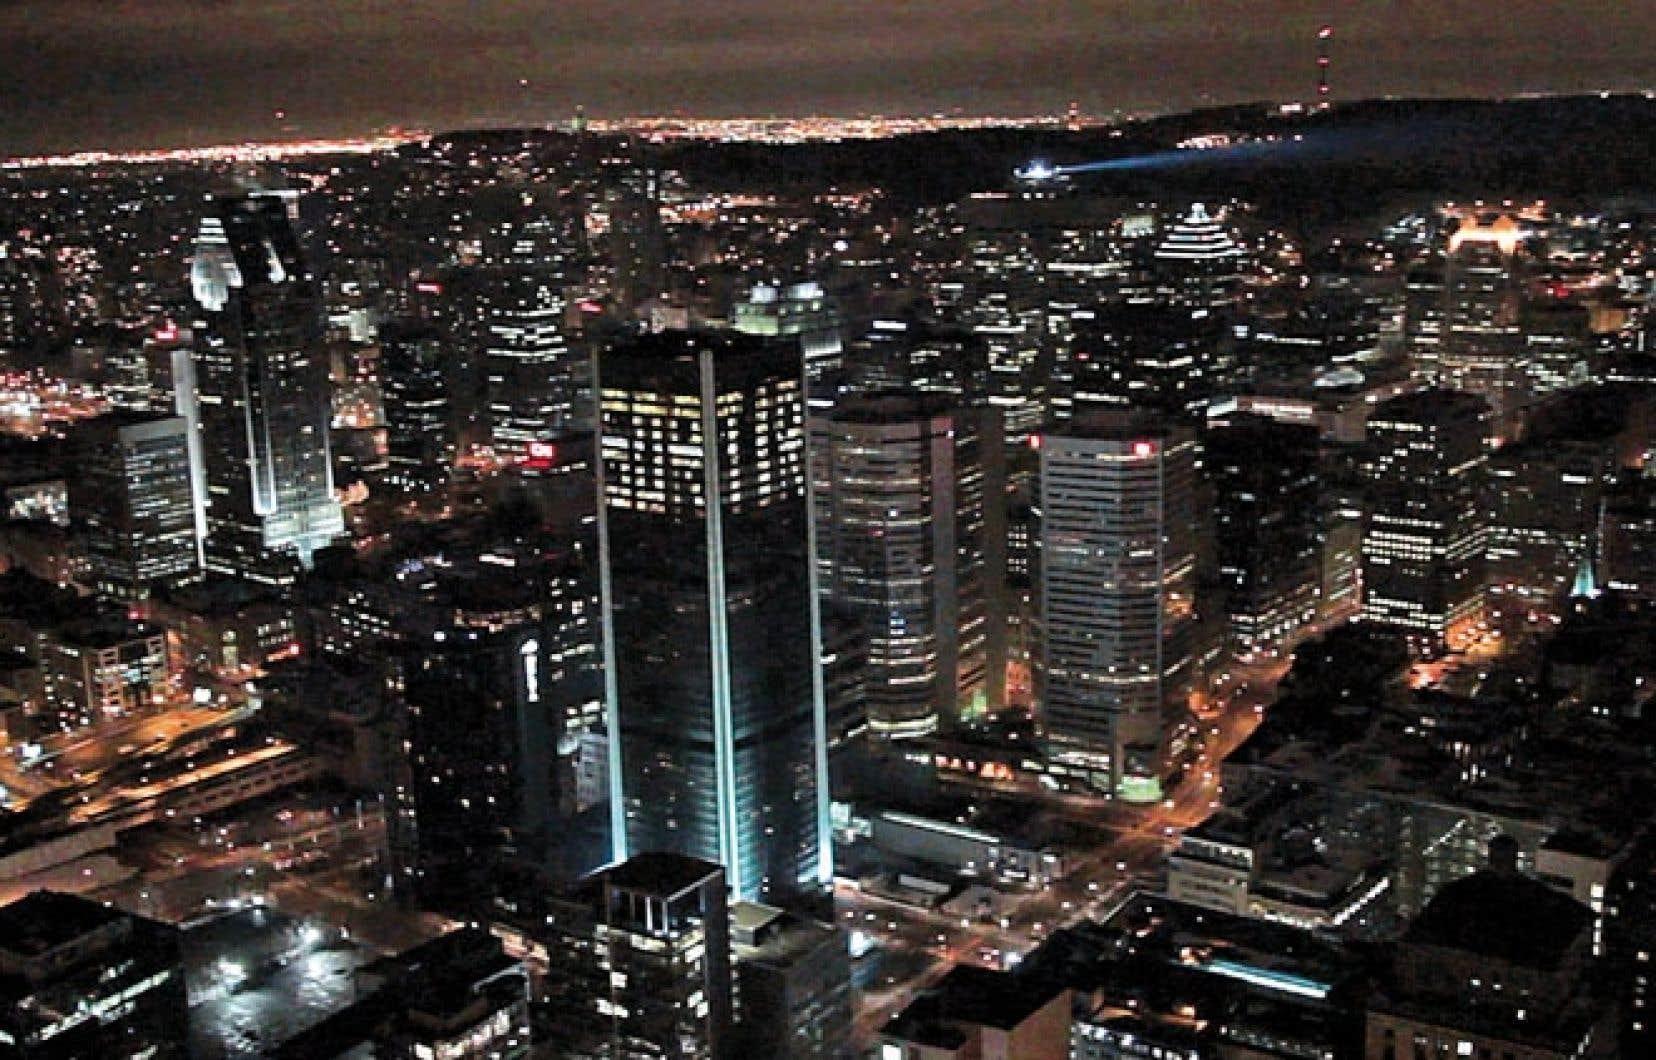 L'artiste Aude Moreau a utilisé les fenêtres et l'éclairage interne des dix derniers étages d'un des immeubles emblématiques de Montréal, la tour de la Bourse, pour diffuser le message « Sortir » dans l'horizon nocturne montréalais.